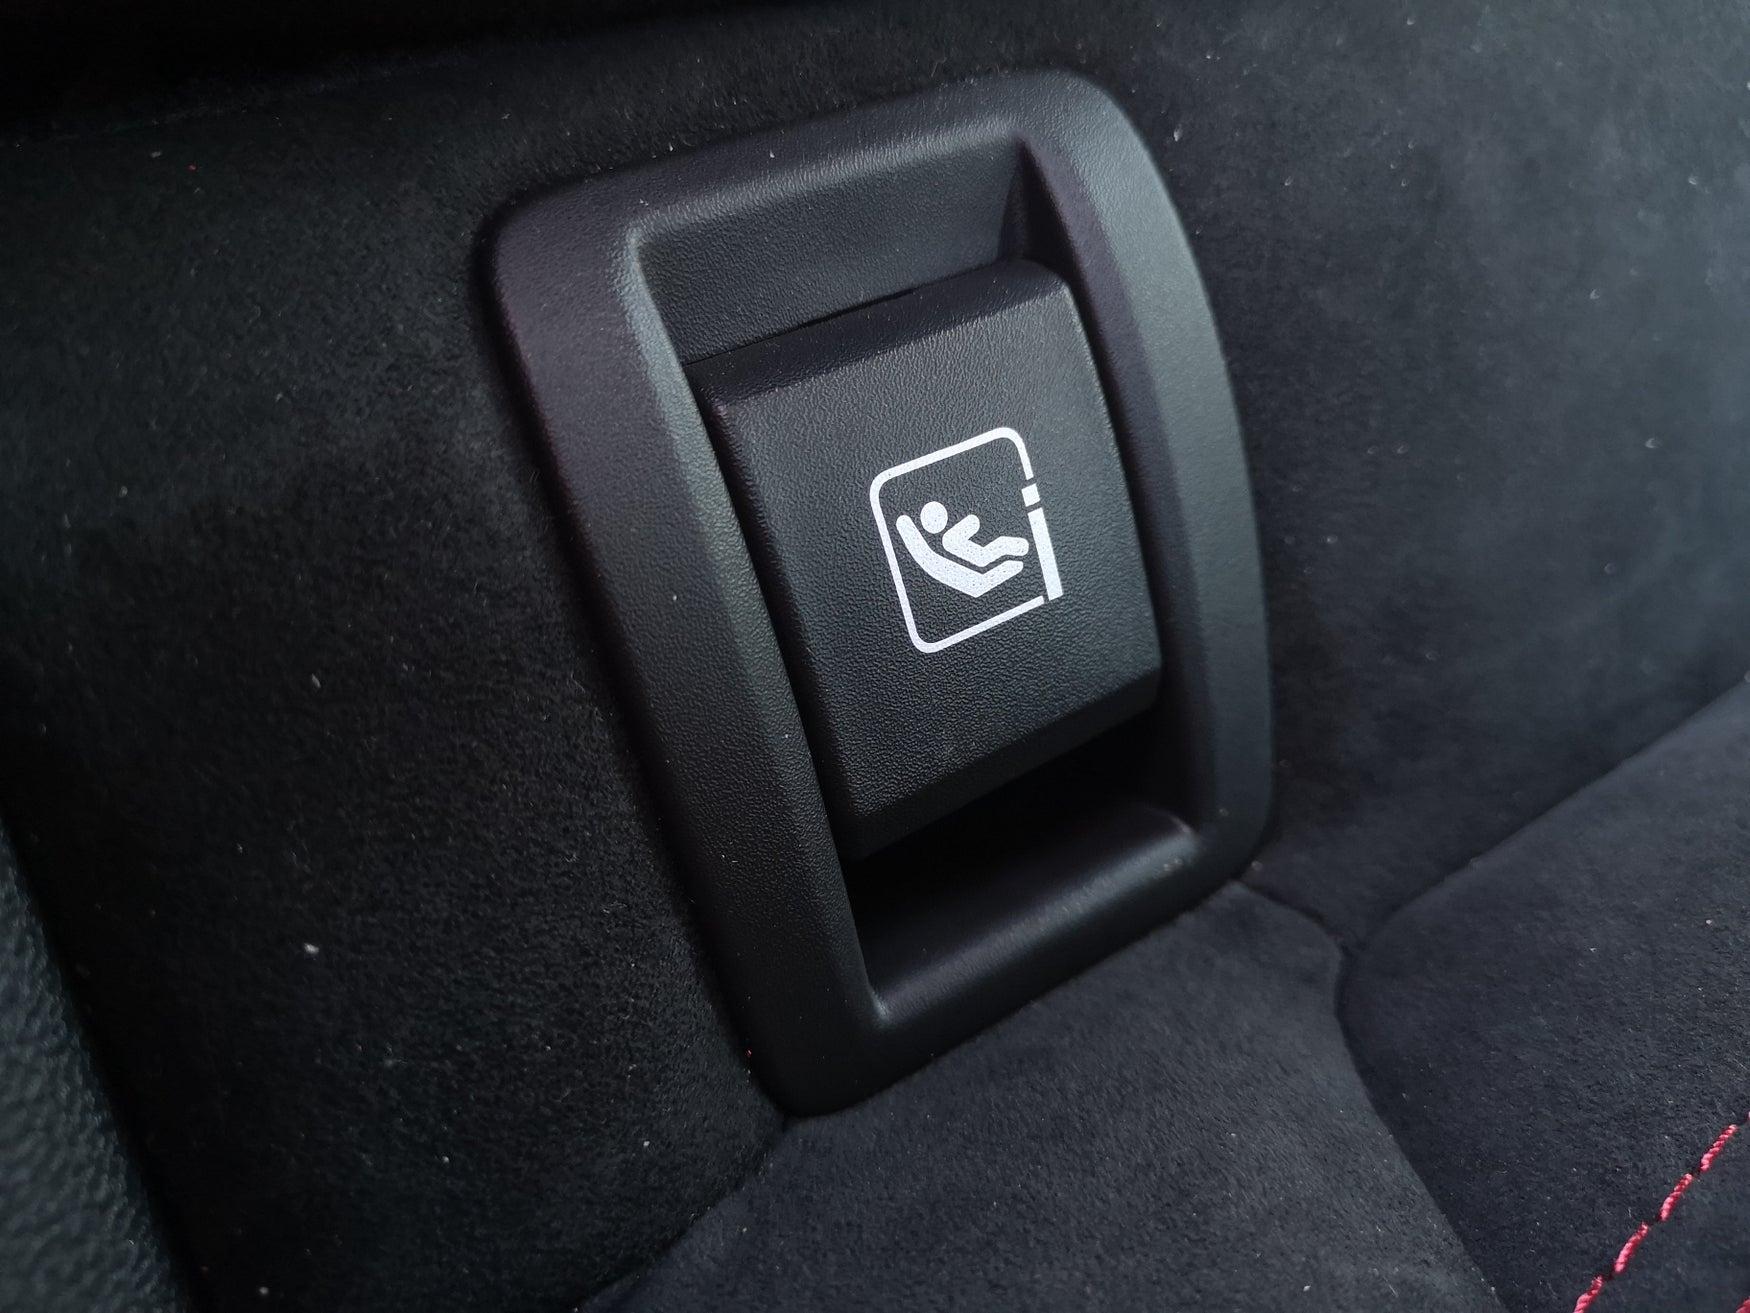 Renault Megane Isofix point